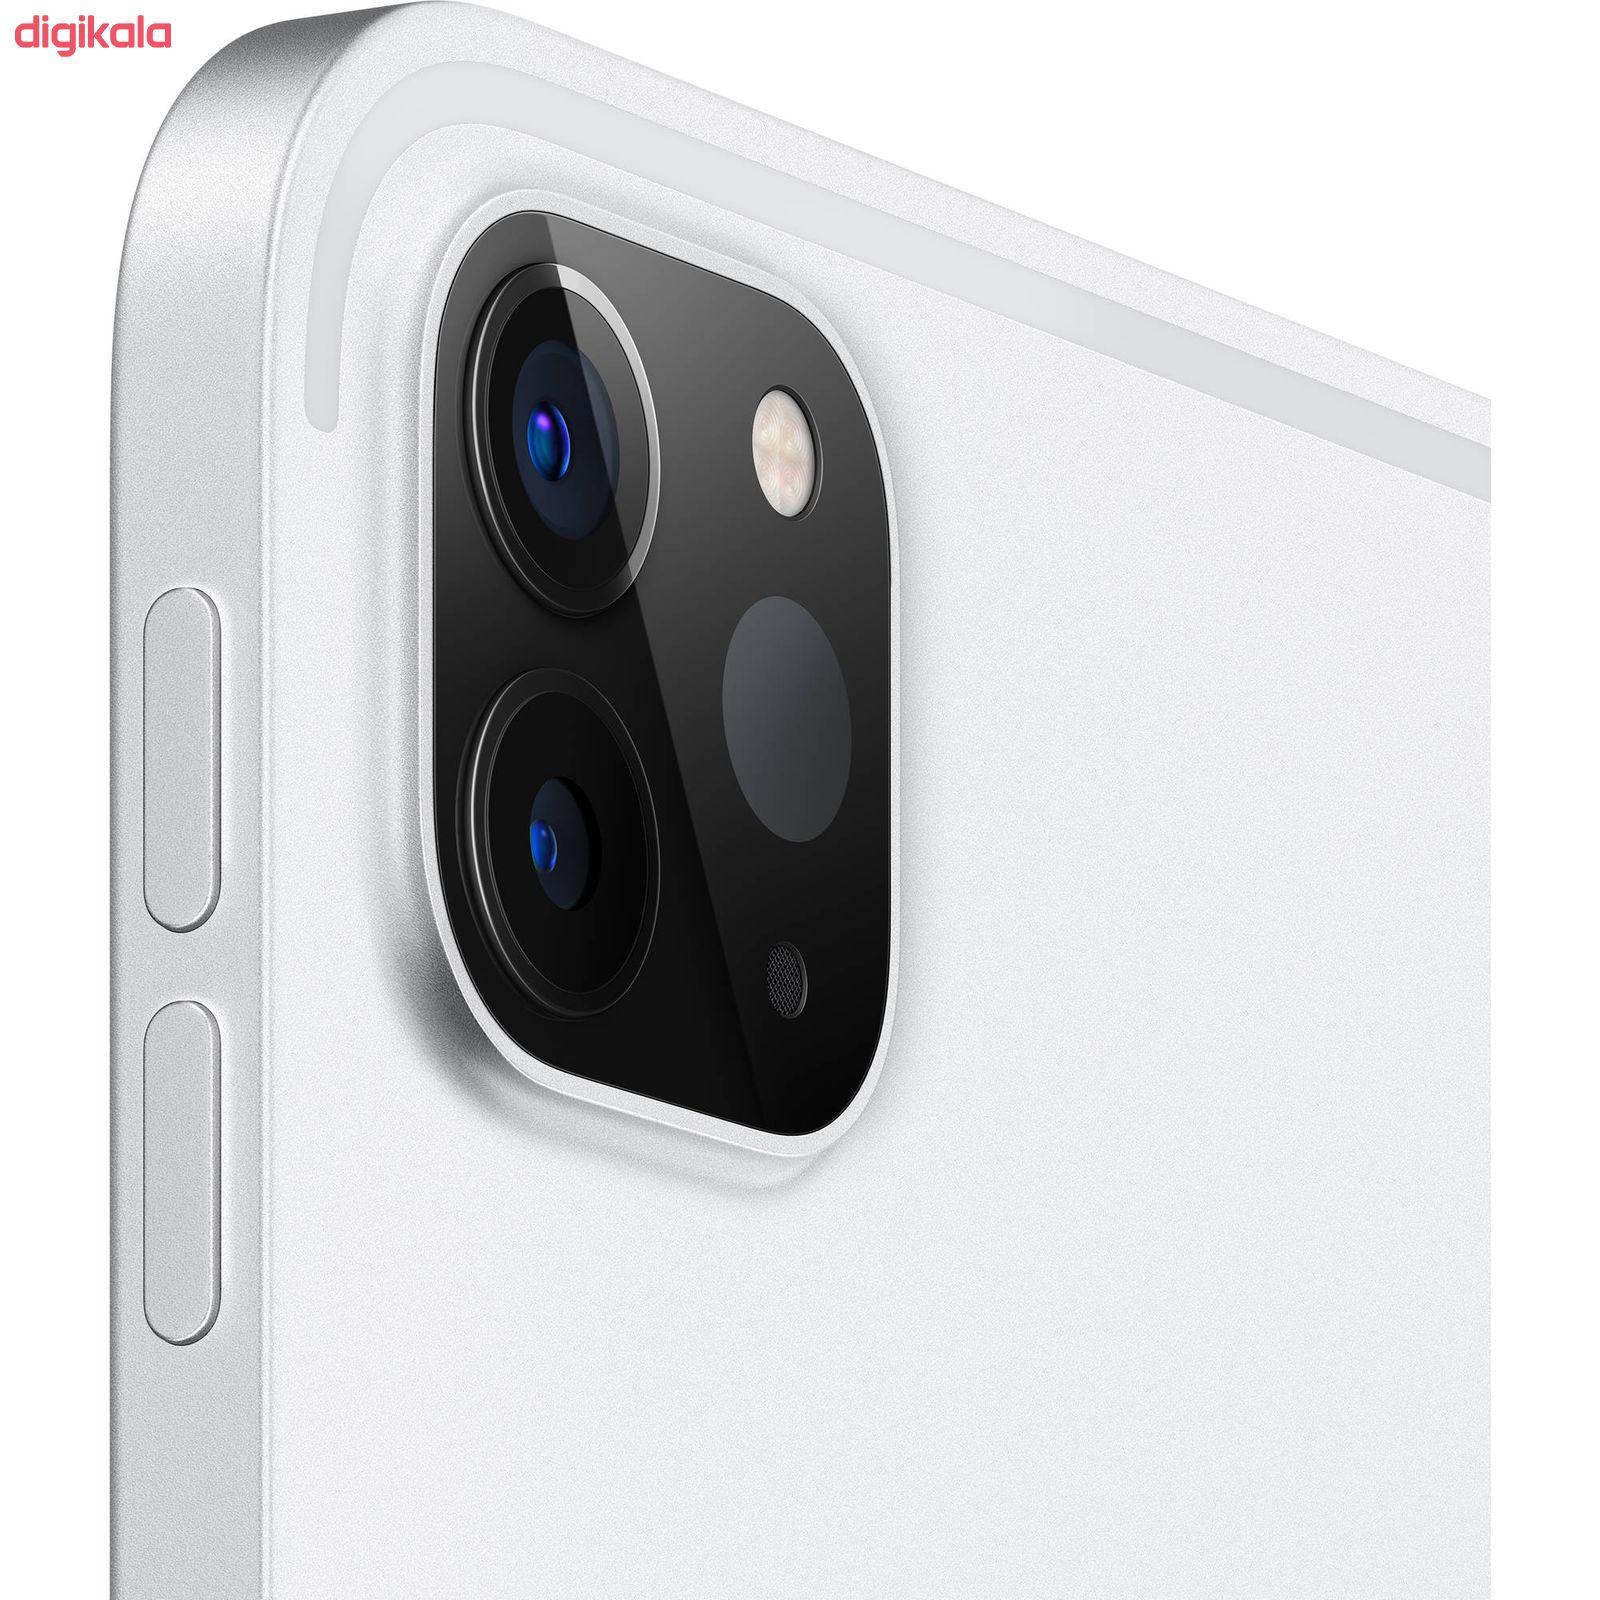 تبلت اپل مدل iPad Pro 11 inch 2020 4G ظرفیت 128 گیگابایت  main 1 4